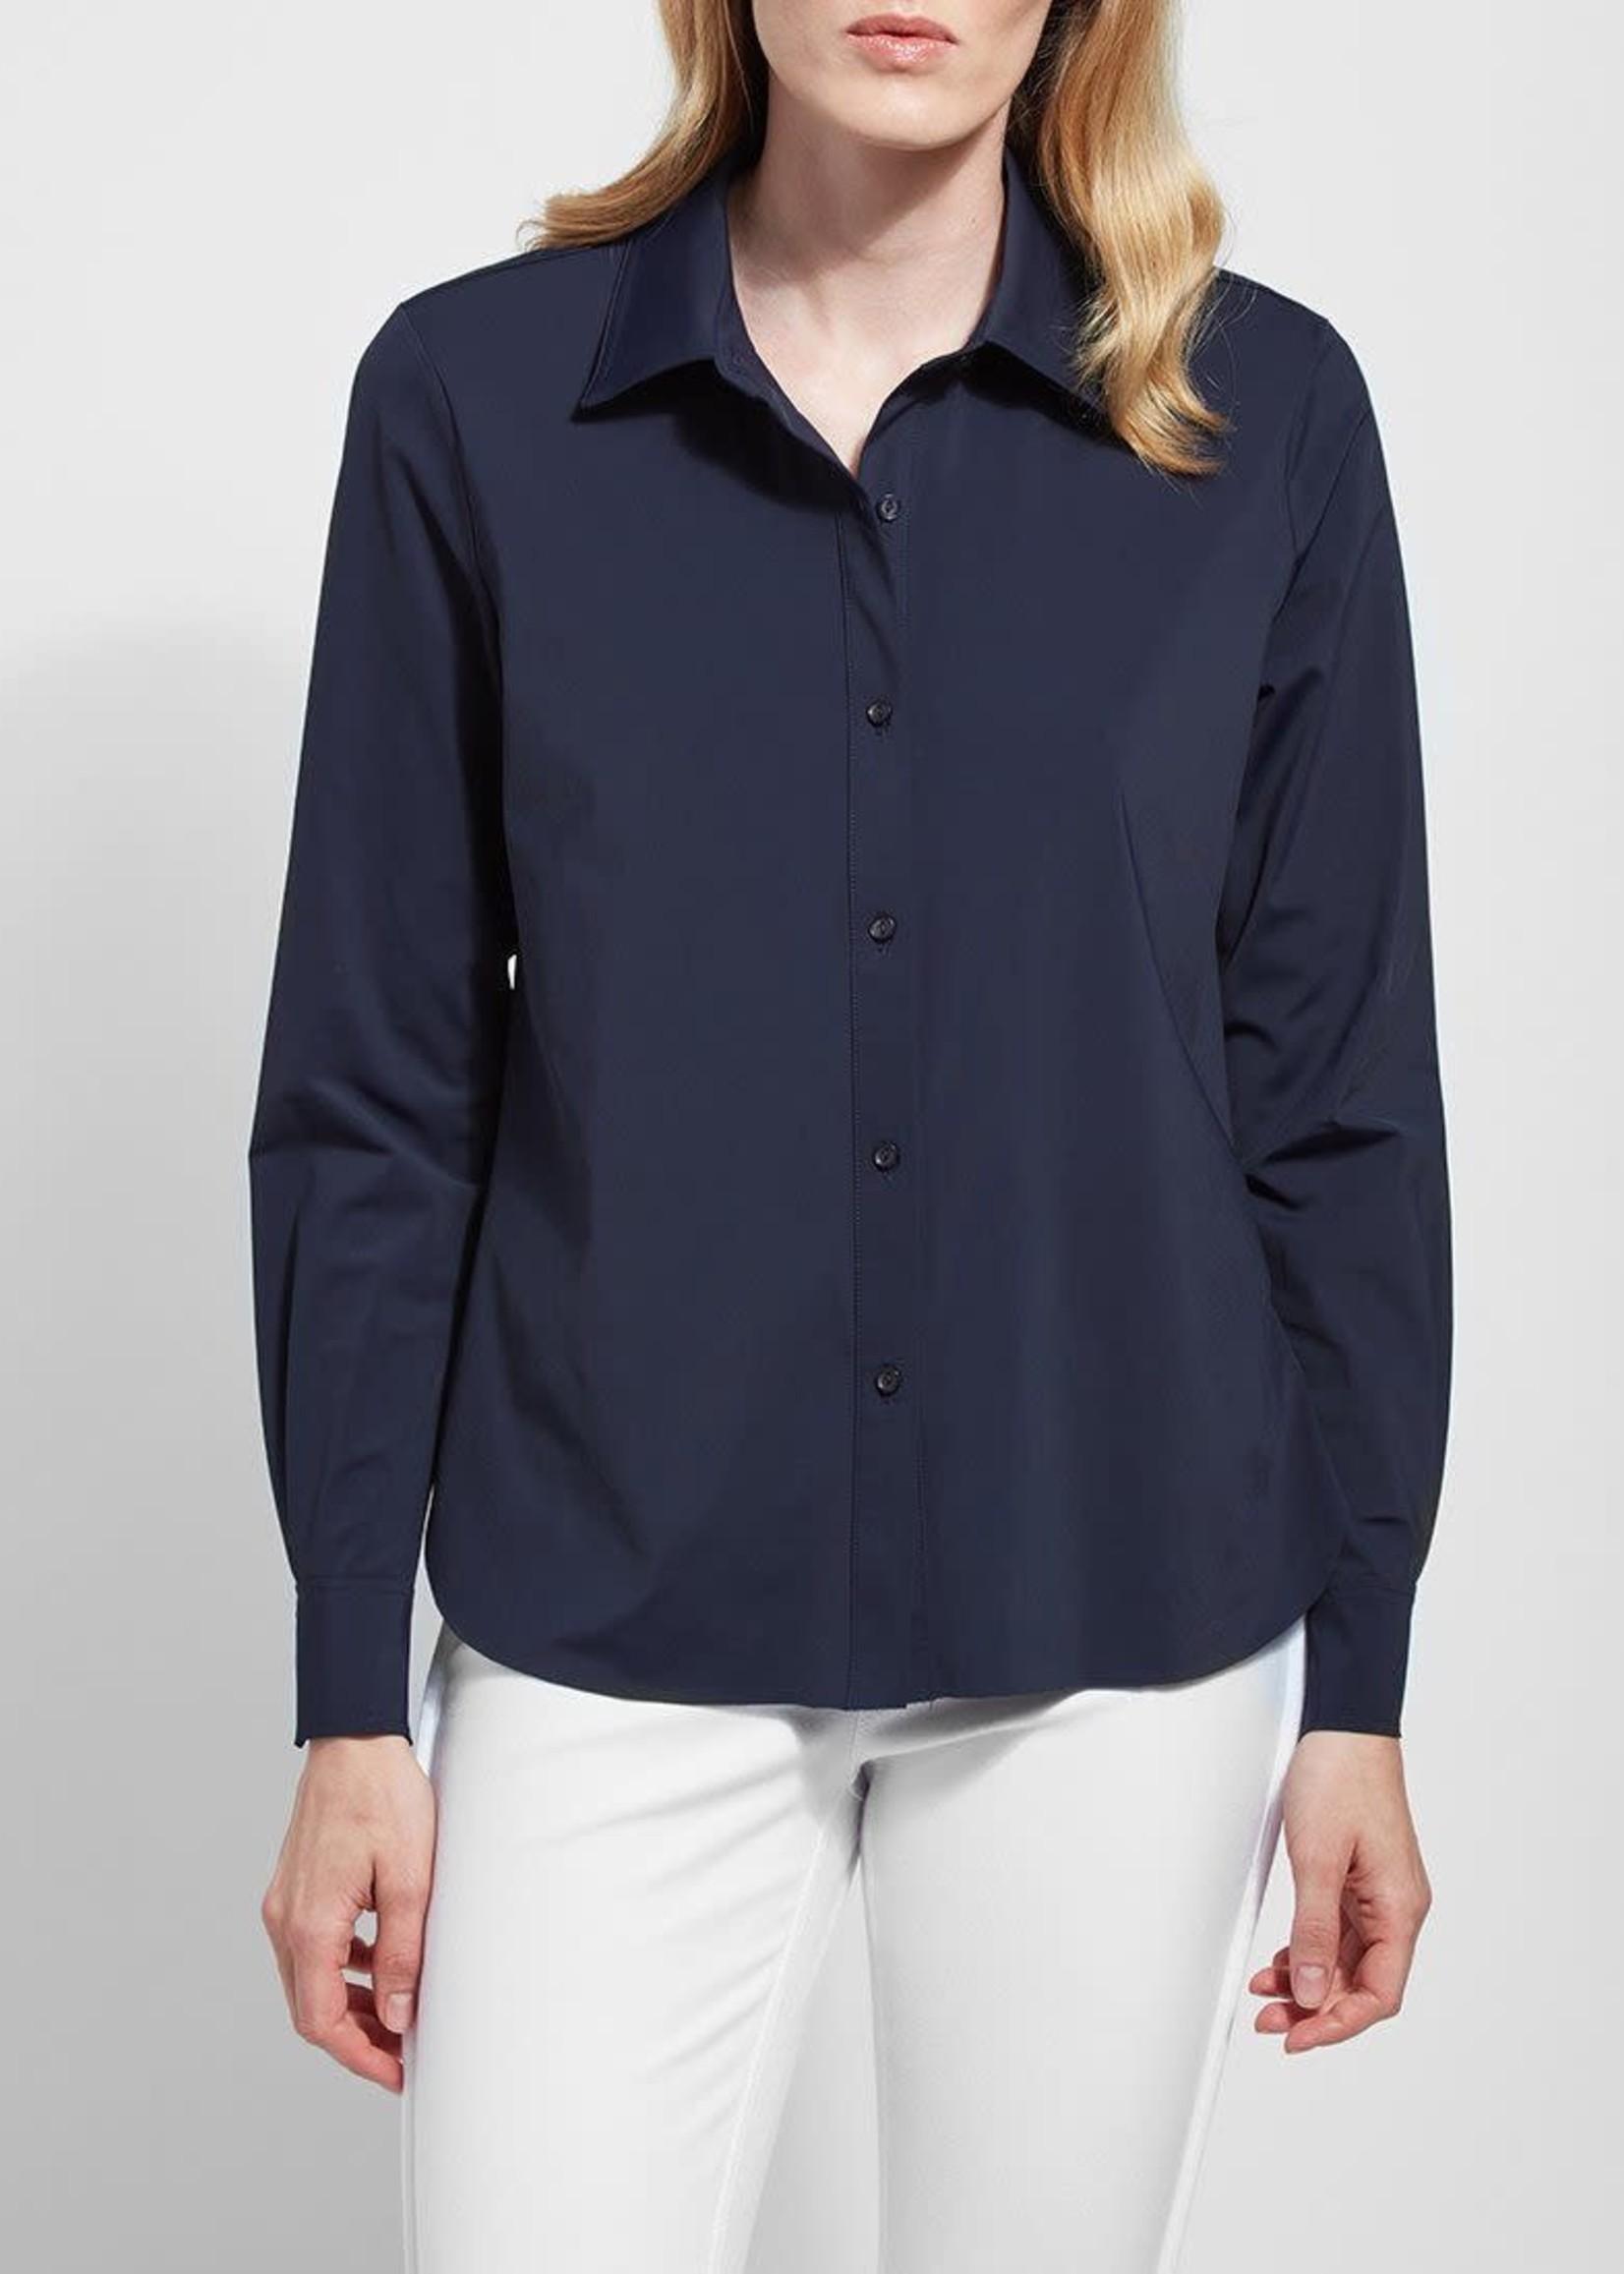 Schiffer Button Down Shirt (Microfiber)